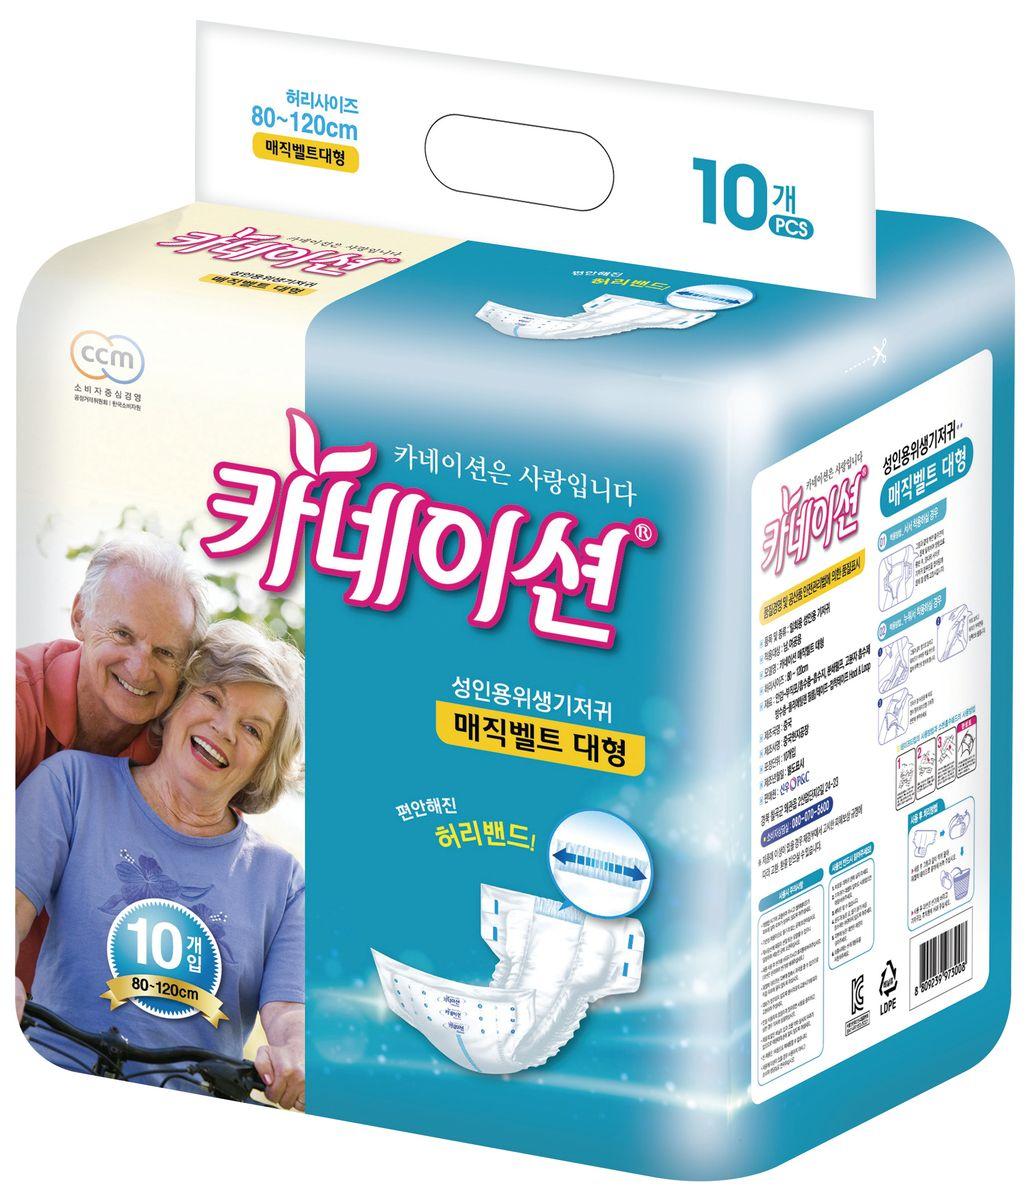 Carnation Подгузники для взрослых М 10 шт00-00001560Подгузники для взрослых Carnation оснащены липучками, что упрощает надевание. Такие подгузники подойдут для взрослых с недержанием или для ухода за лежачими больными.Обхват талии: от 80 до 120 см.Продукция Carnation производится для внутреннего рынка Южной Кореи и соответствует предъявляемым высоким стандартам качества Республики Корея.